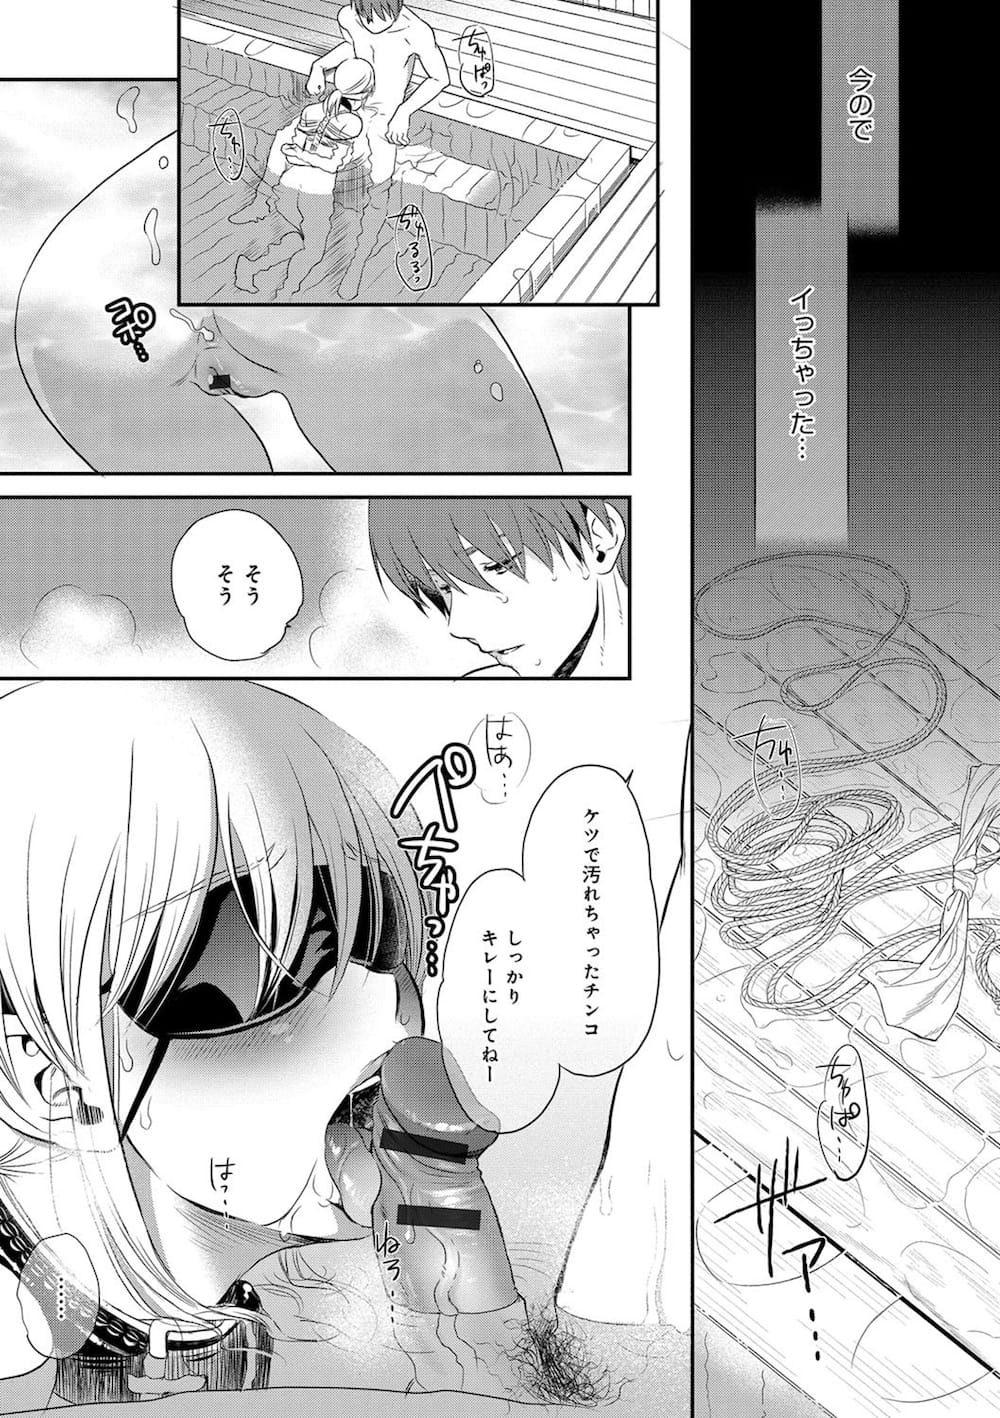 目隠し拘束放置プレイからアナル浣腸で脱糞www【エロ漫画・同人誌】 021